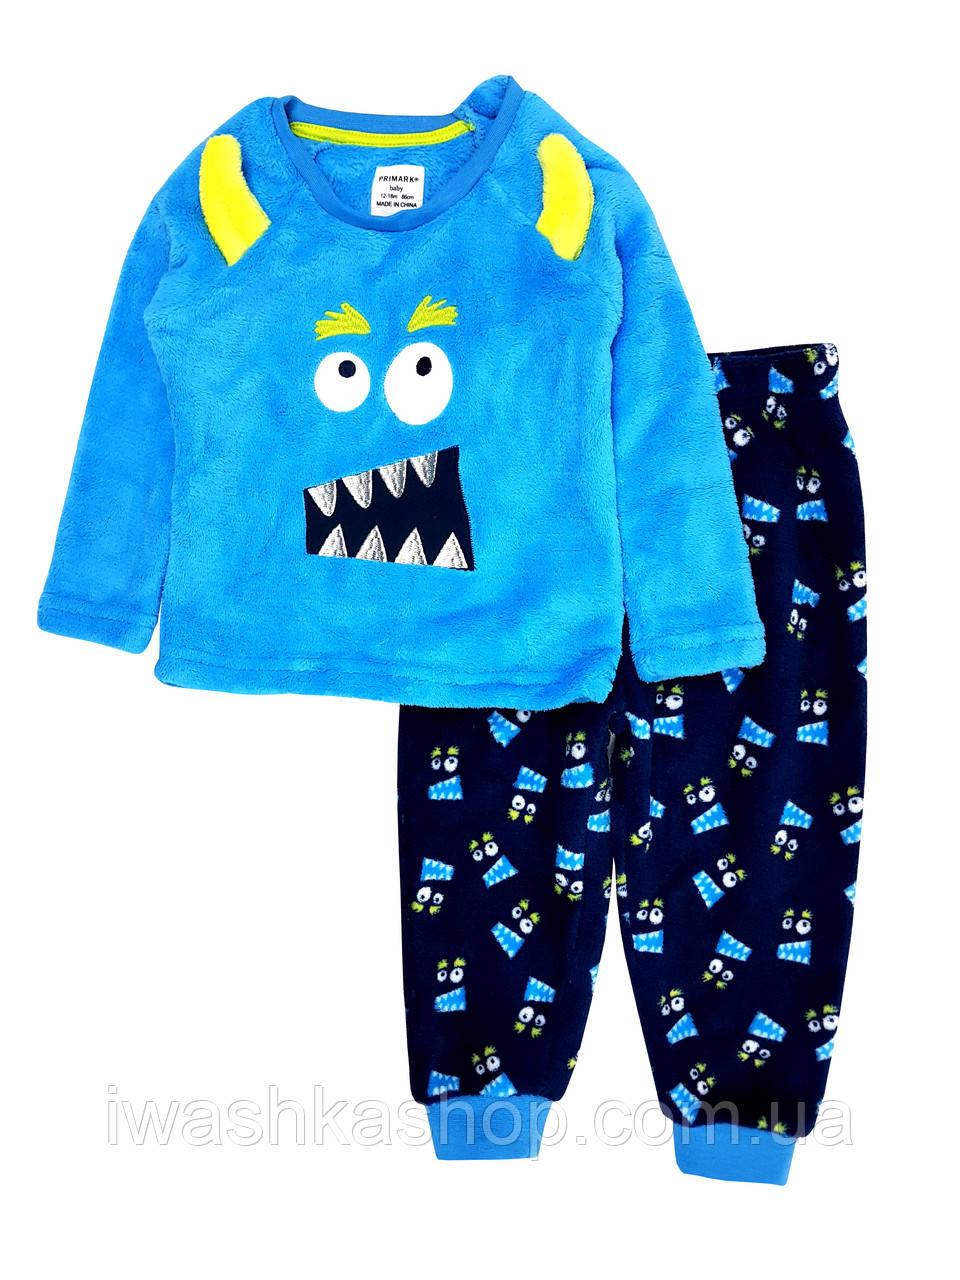 Теплая флисовая пижама велсофт с монстриком на мальчика 1,5 - 2 года, р. 92, Primark